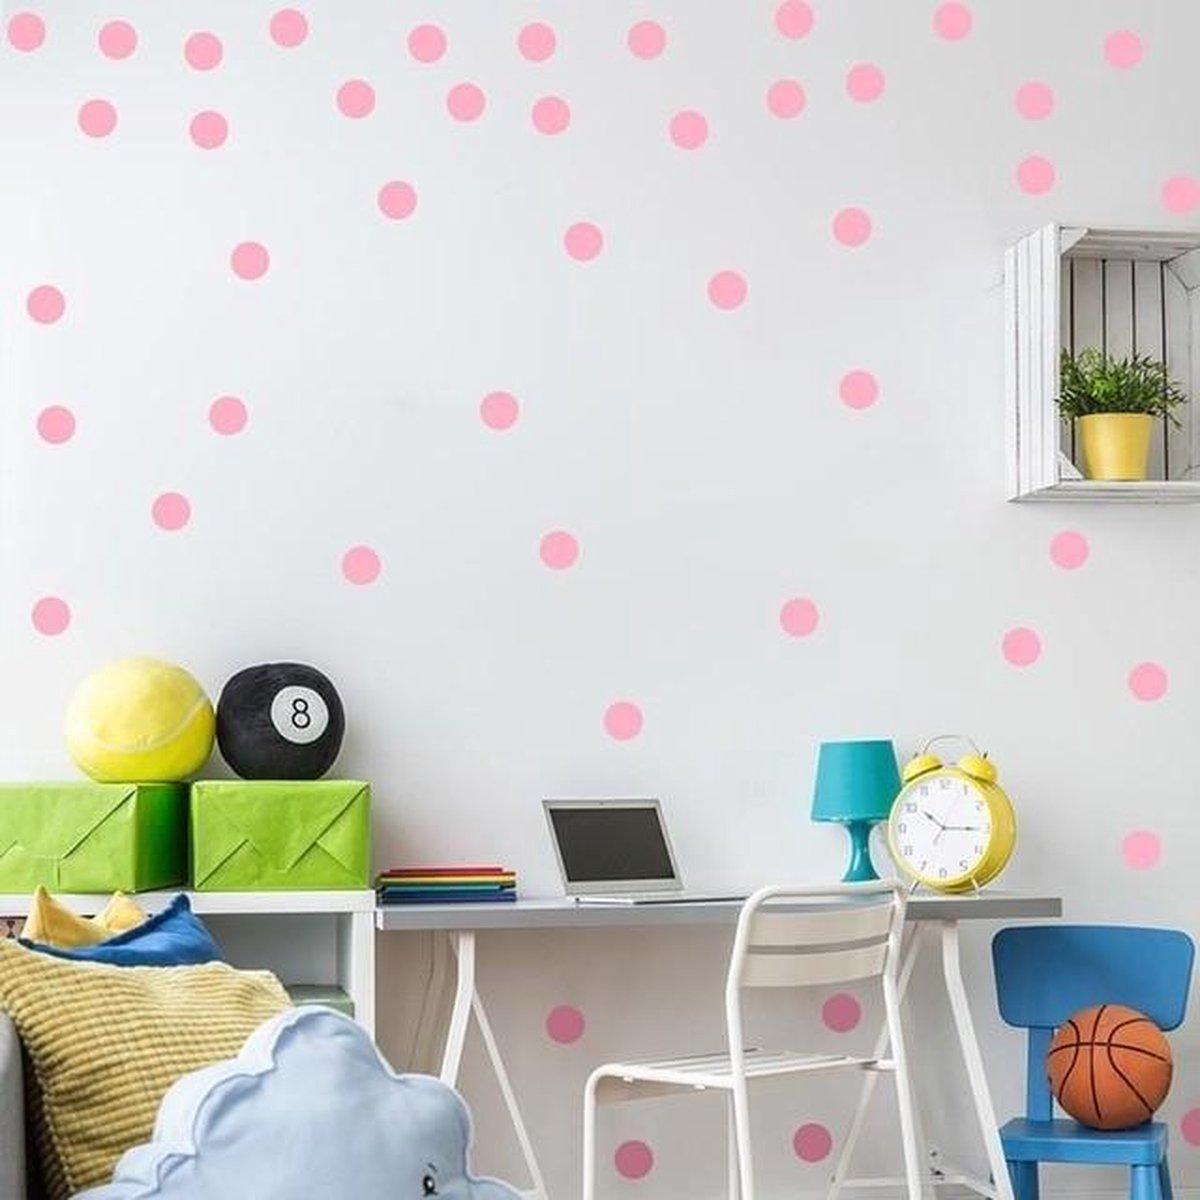 3 CM - 54 stuks - Roze stippen muursticker  Muursticker Pink Dots - Hoge kwaliteit stickers voor op de muur   Wanddecoratie Stickers   Stickers voor kinderen   Muurversiering voor kinderen   Versiering voor kinderkamer